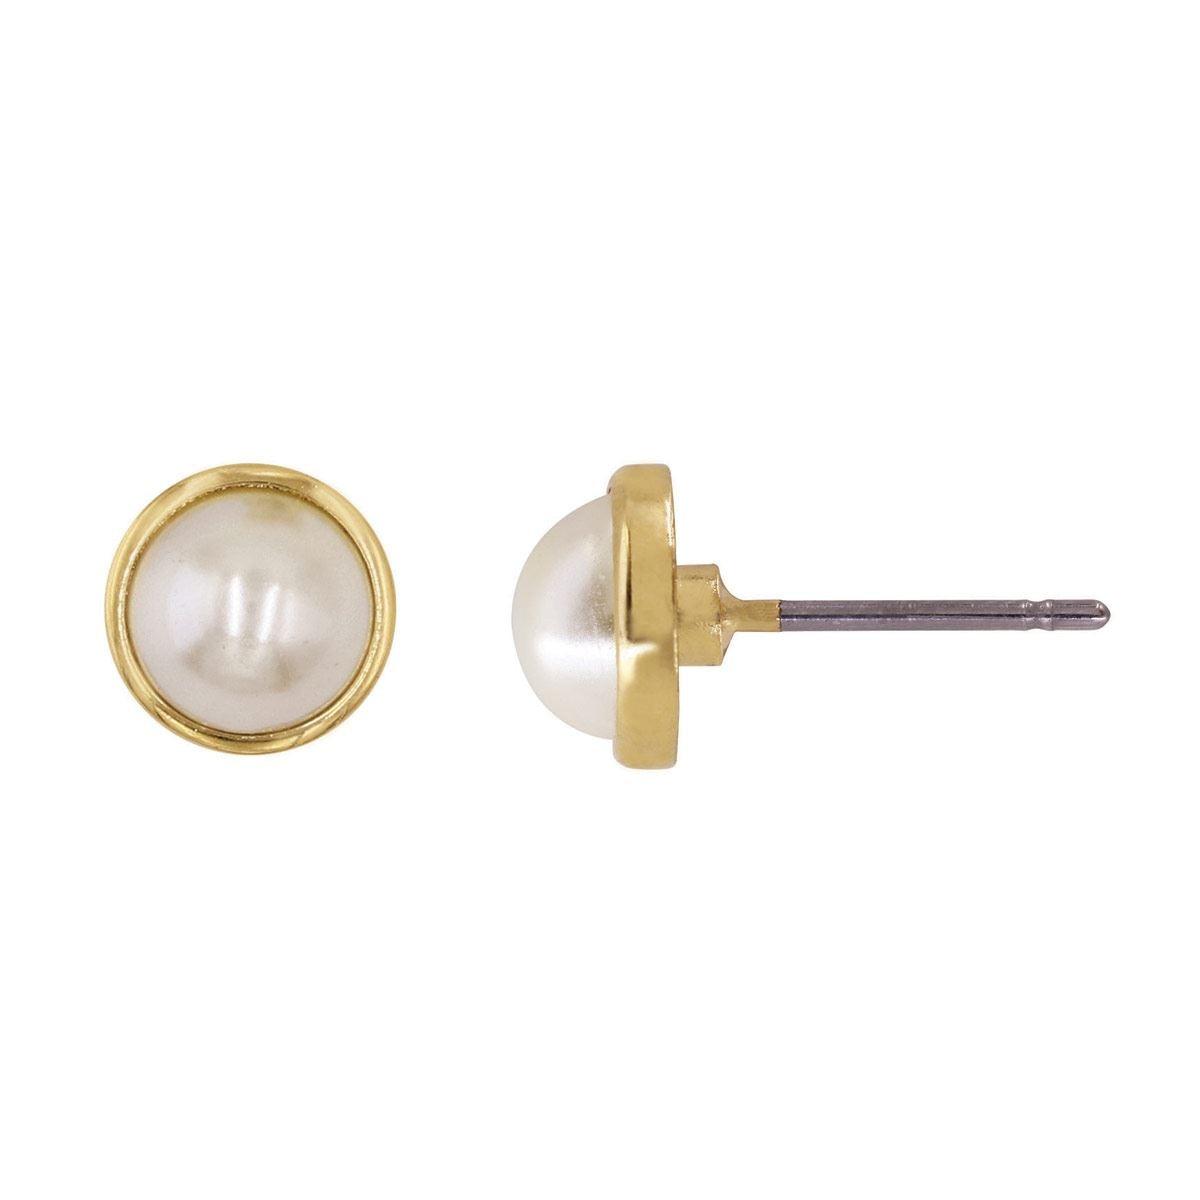 3a1a33e51604 Broqueles en Acabado Dorado con Perla Color Blanca